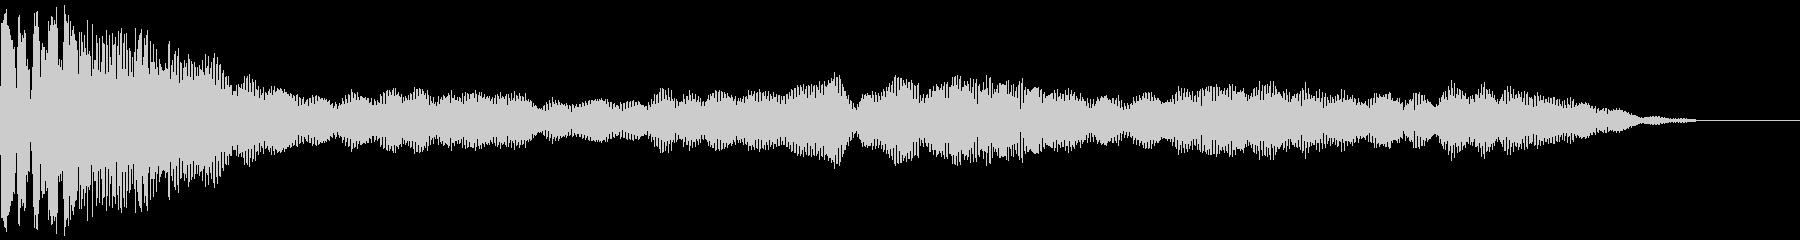 ヒットスペースベルの未再生の波形